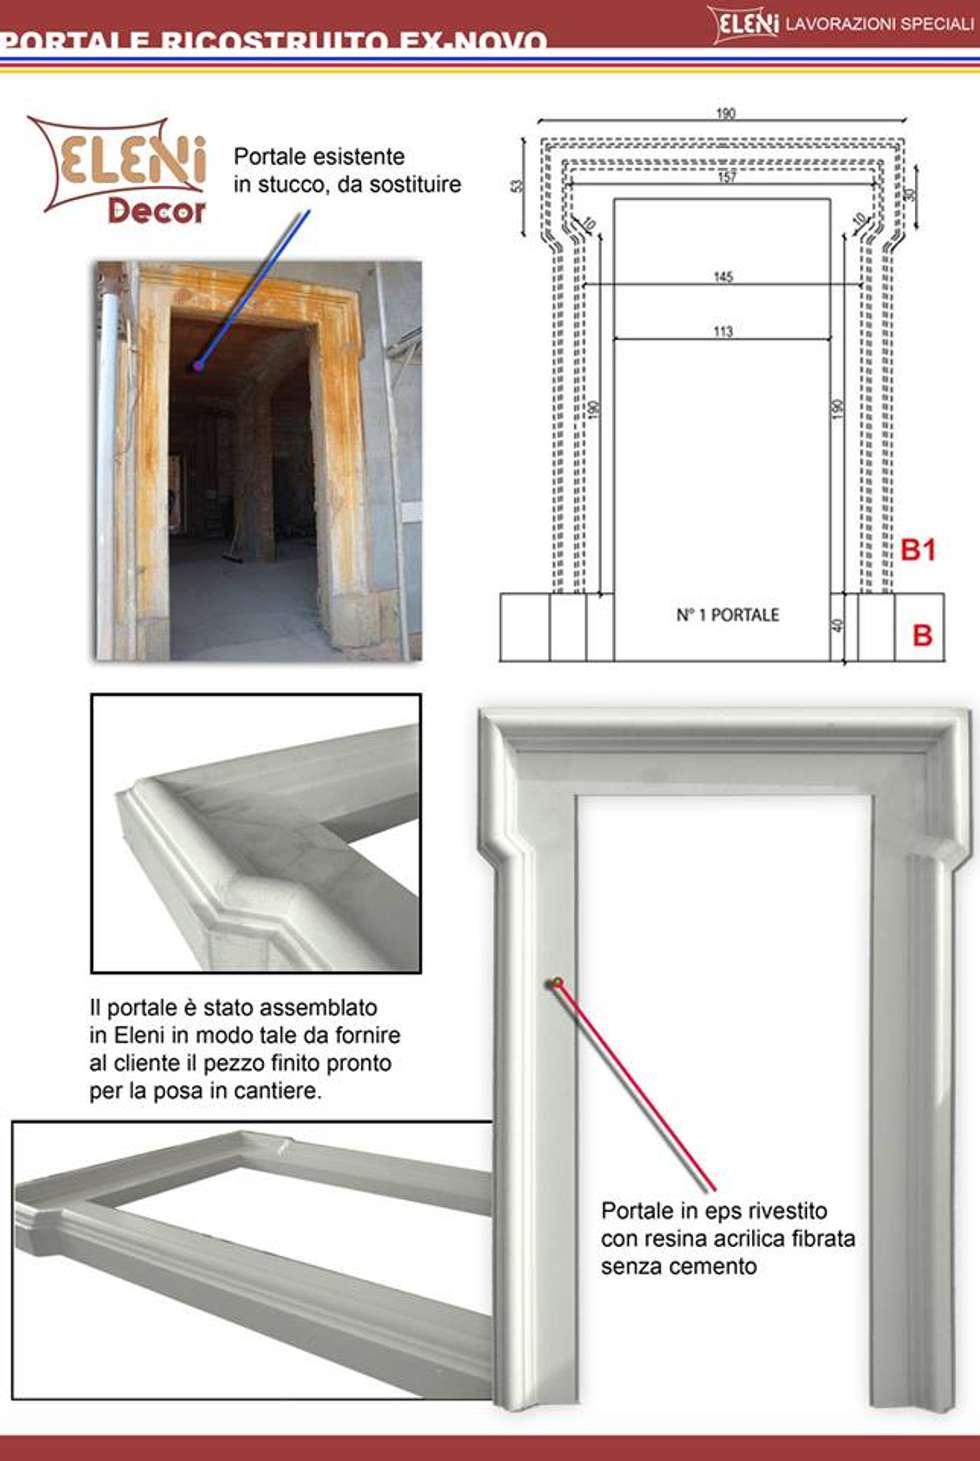 Idee arredamento casa interior design homify for Cornici semplici per foto